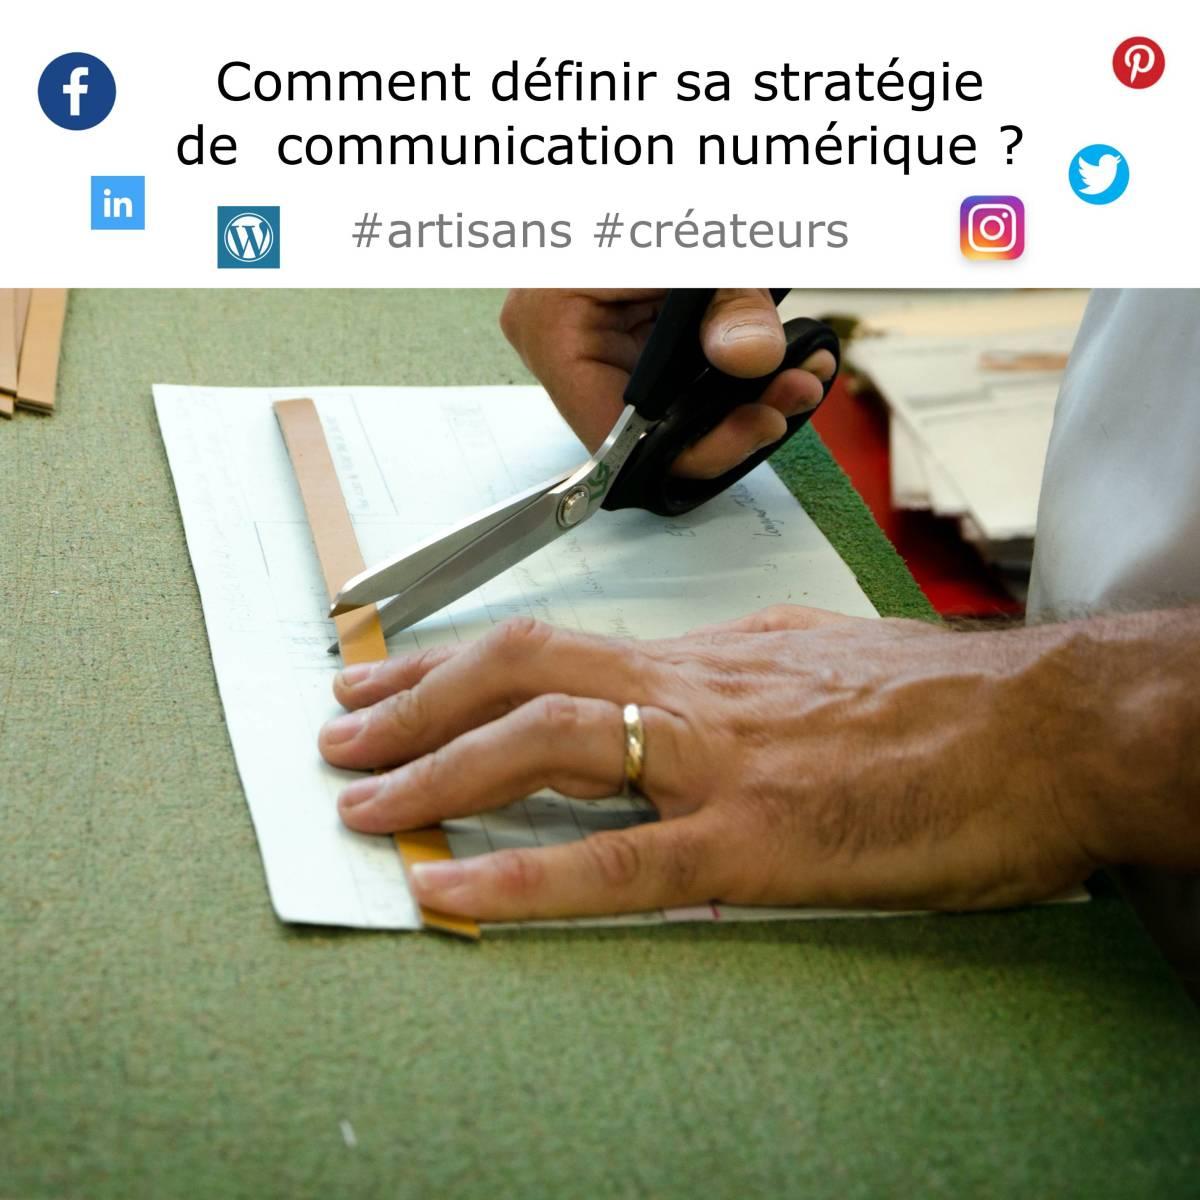 artisan créateur comment définir sa stratégie de communication